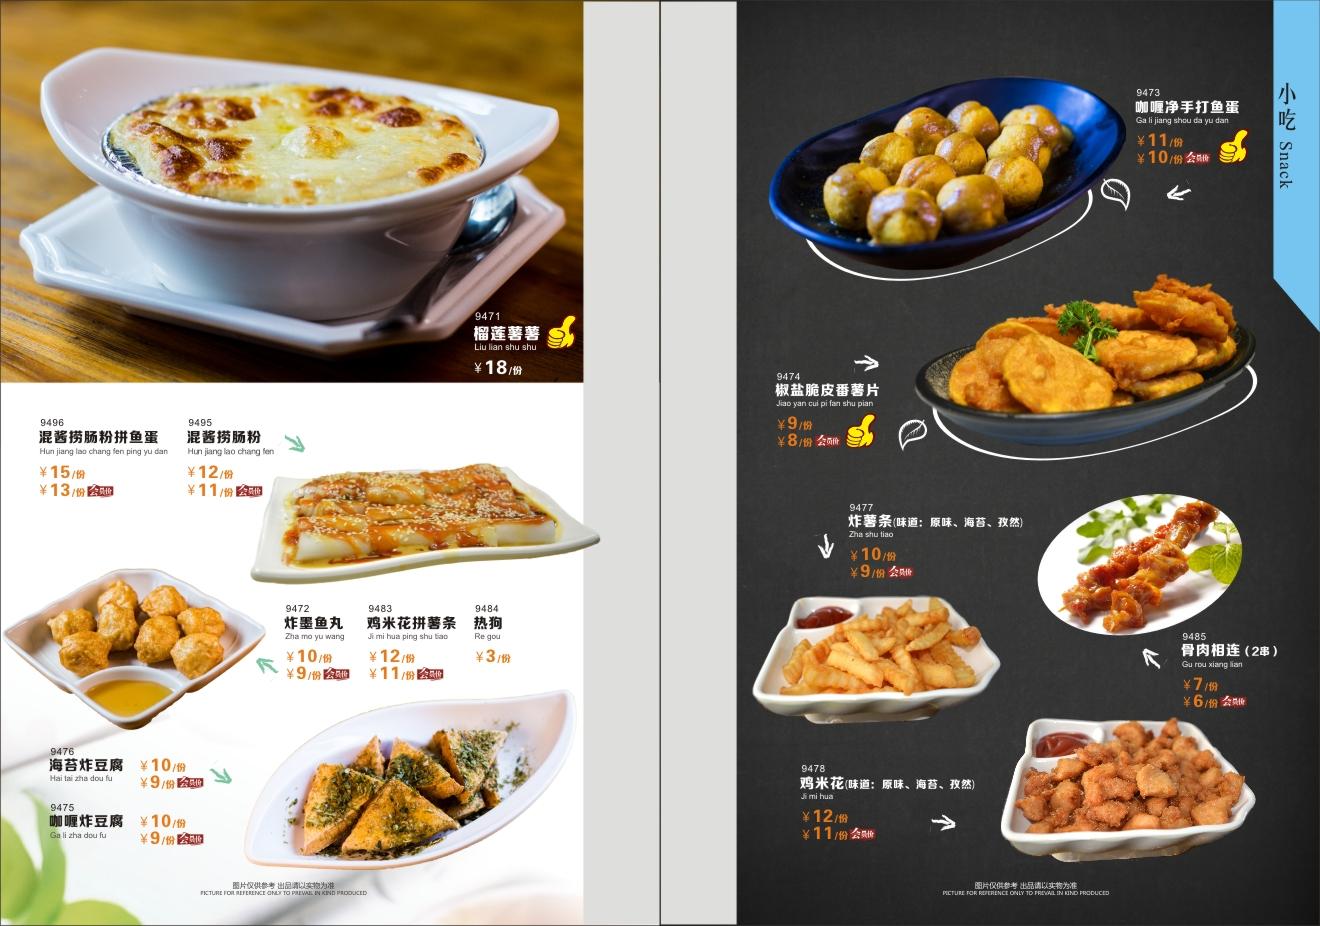 菜谱册西餐厅水吧餐牌 西餐厅菜单 咖啡店菜单